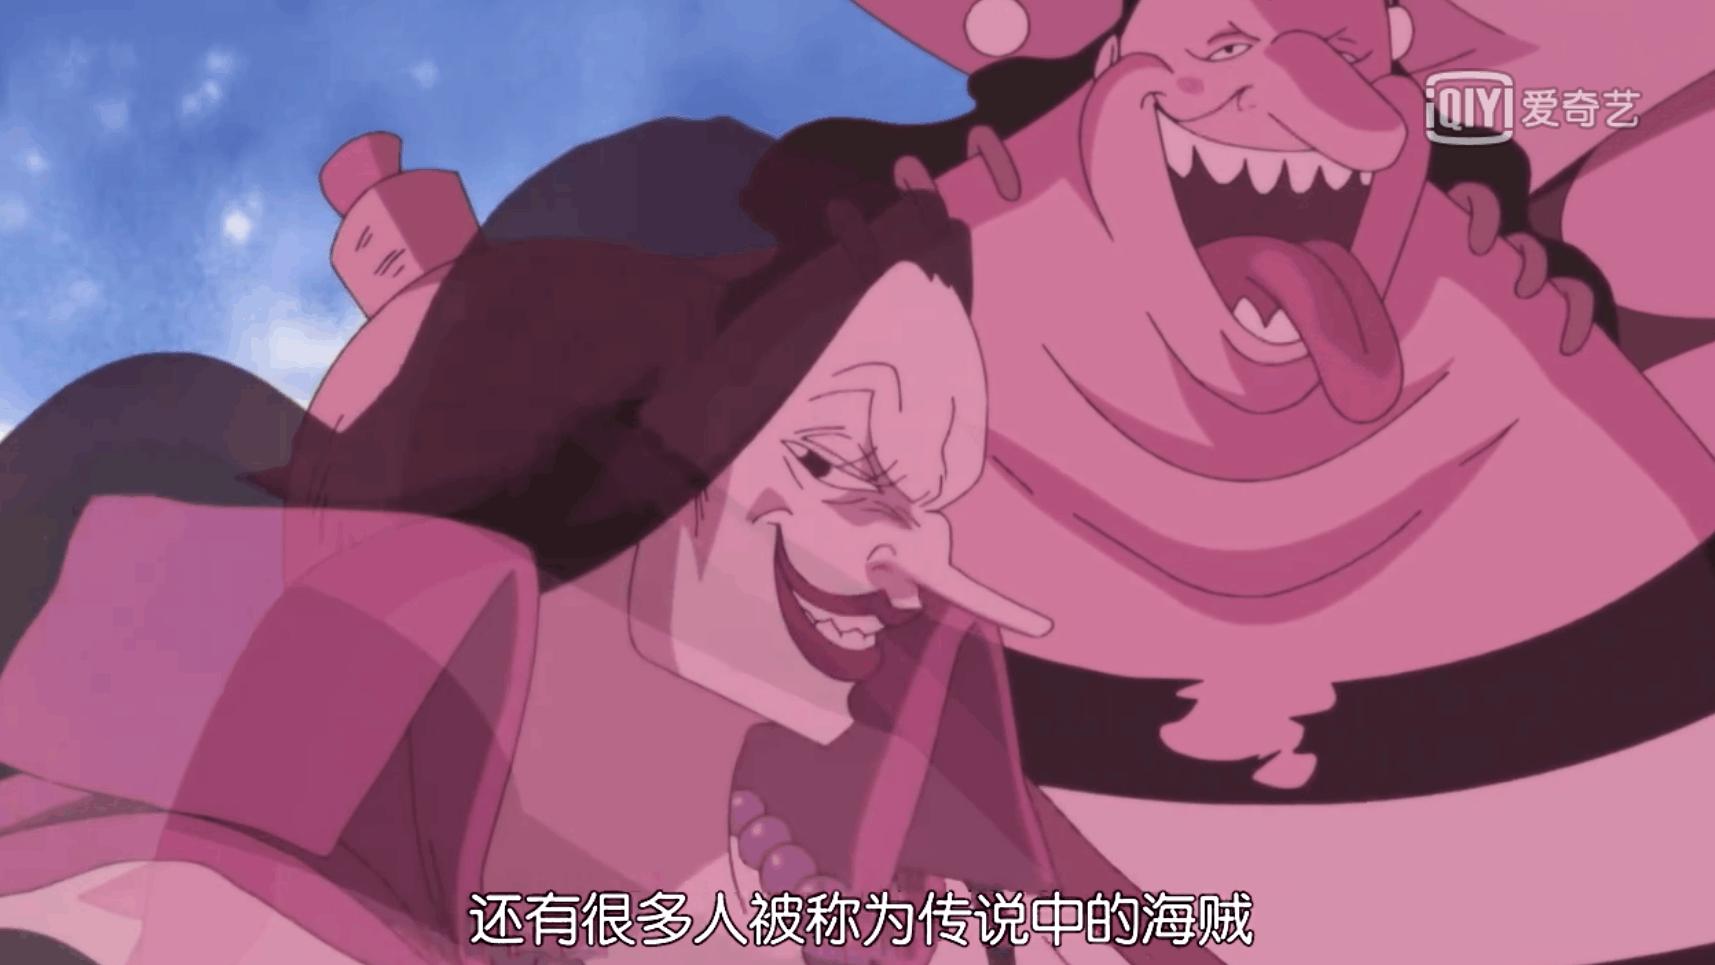 海贼王: 确认了, 毒Q也是幻兽系, 但副作用大! 能抗凯多100棒不死